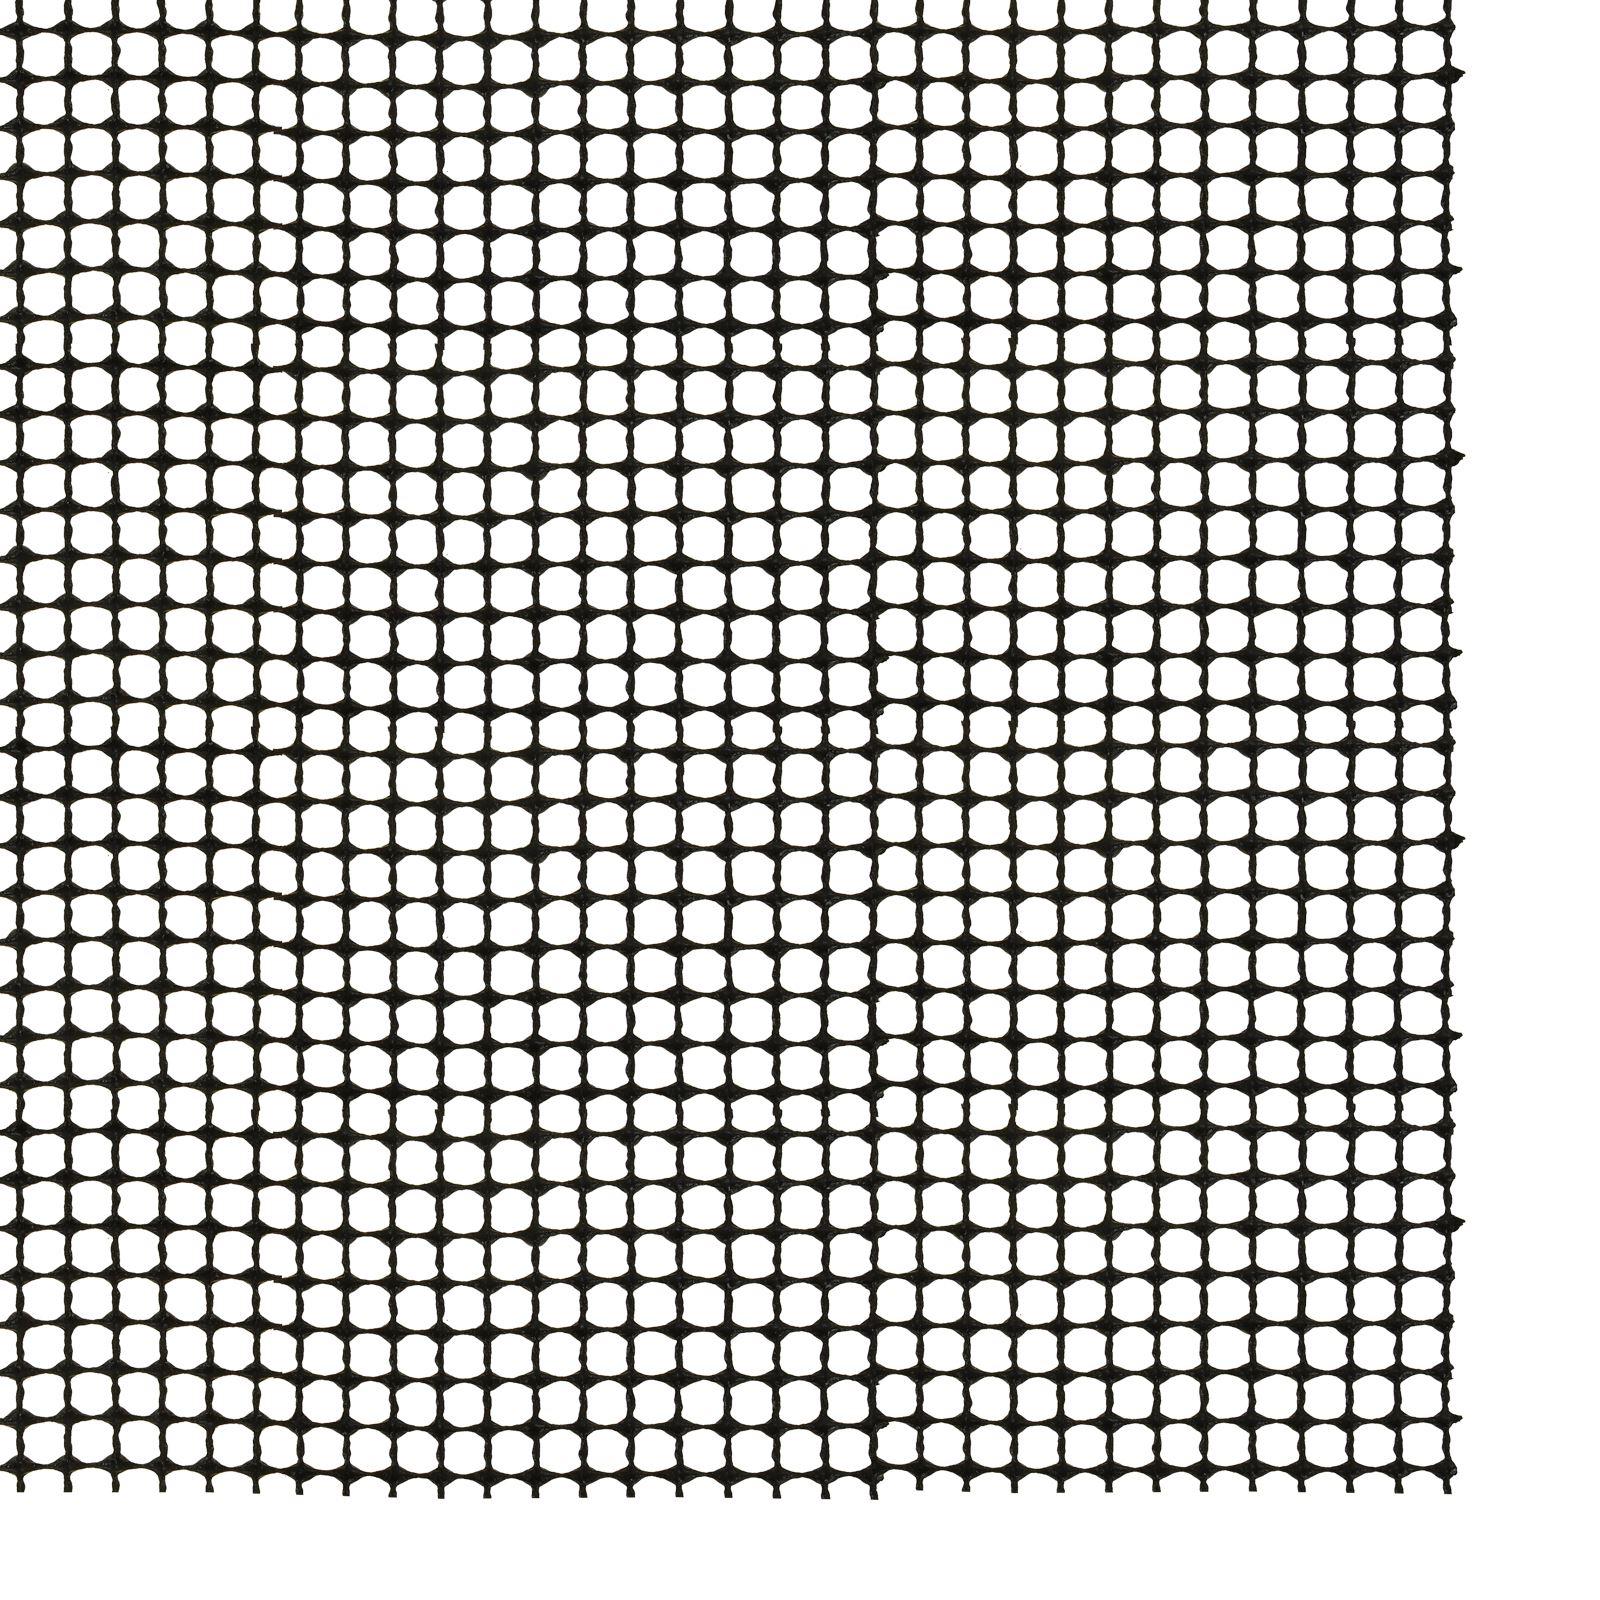 Anti-Antiscivolo-Tappetino-100-x-150cm-Carpet-Tappeto-Pavimento-Pinza-Grip-Auto-disegnare-Liner miniatura 3